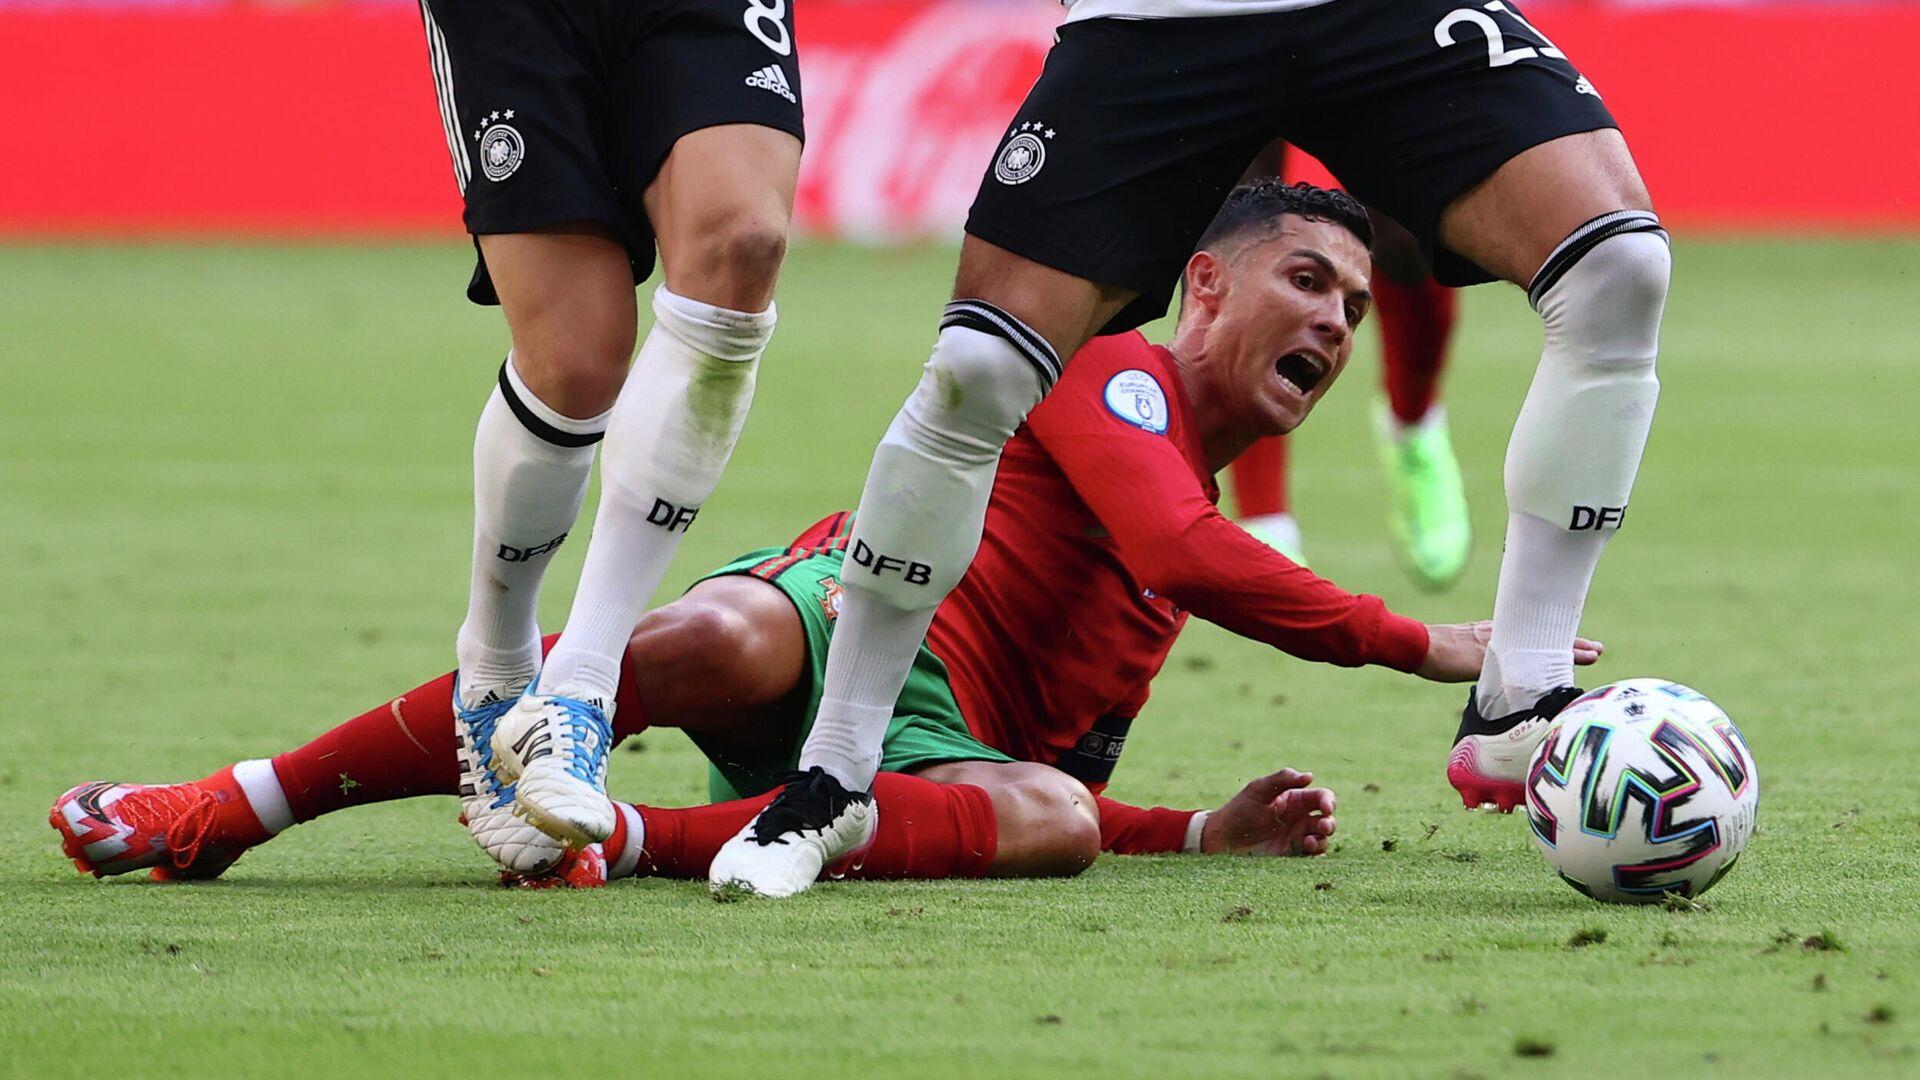 El partido entre Portugal y Alemania - Sputnik Mundo, 1920, 19.06.2021